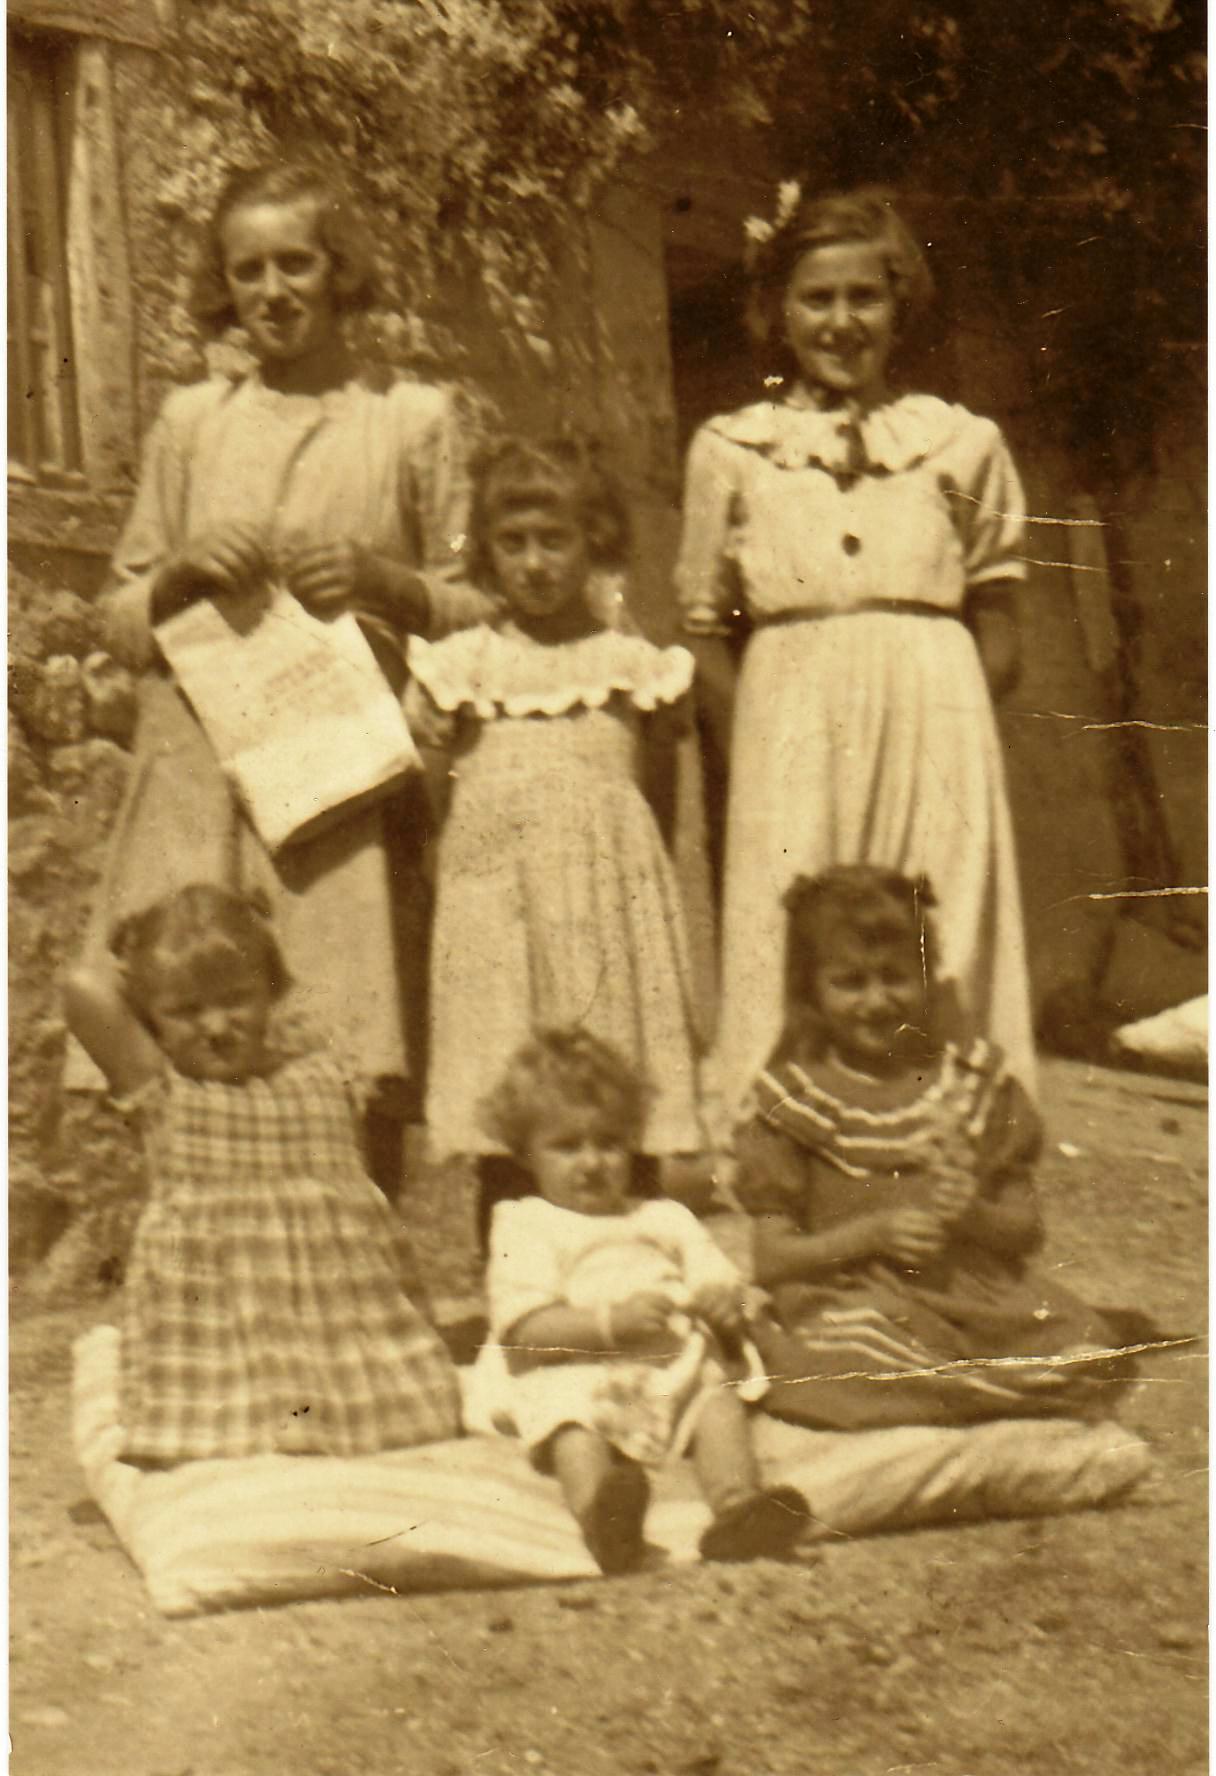 Las hermanas ortega y potro de bilbao follando en el seb - 1 9